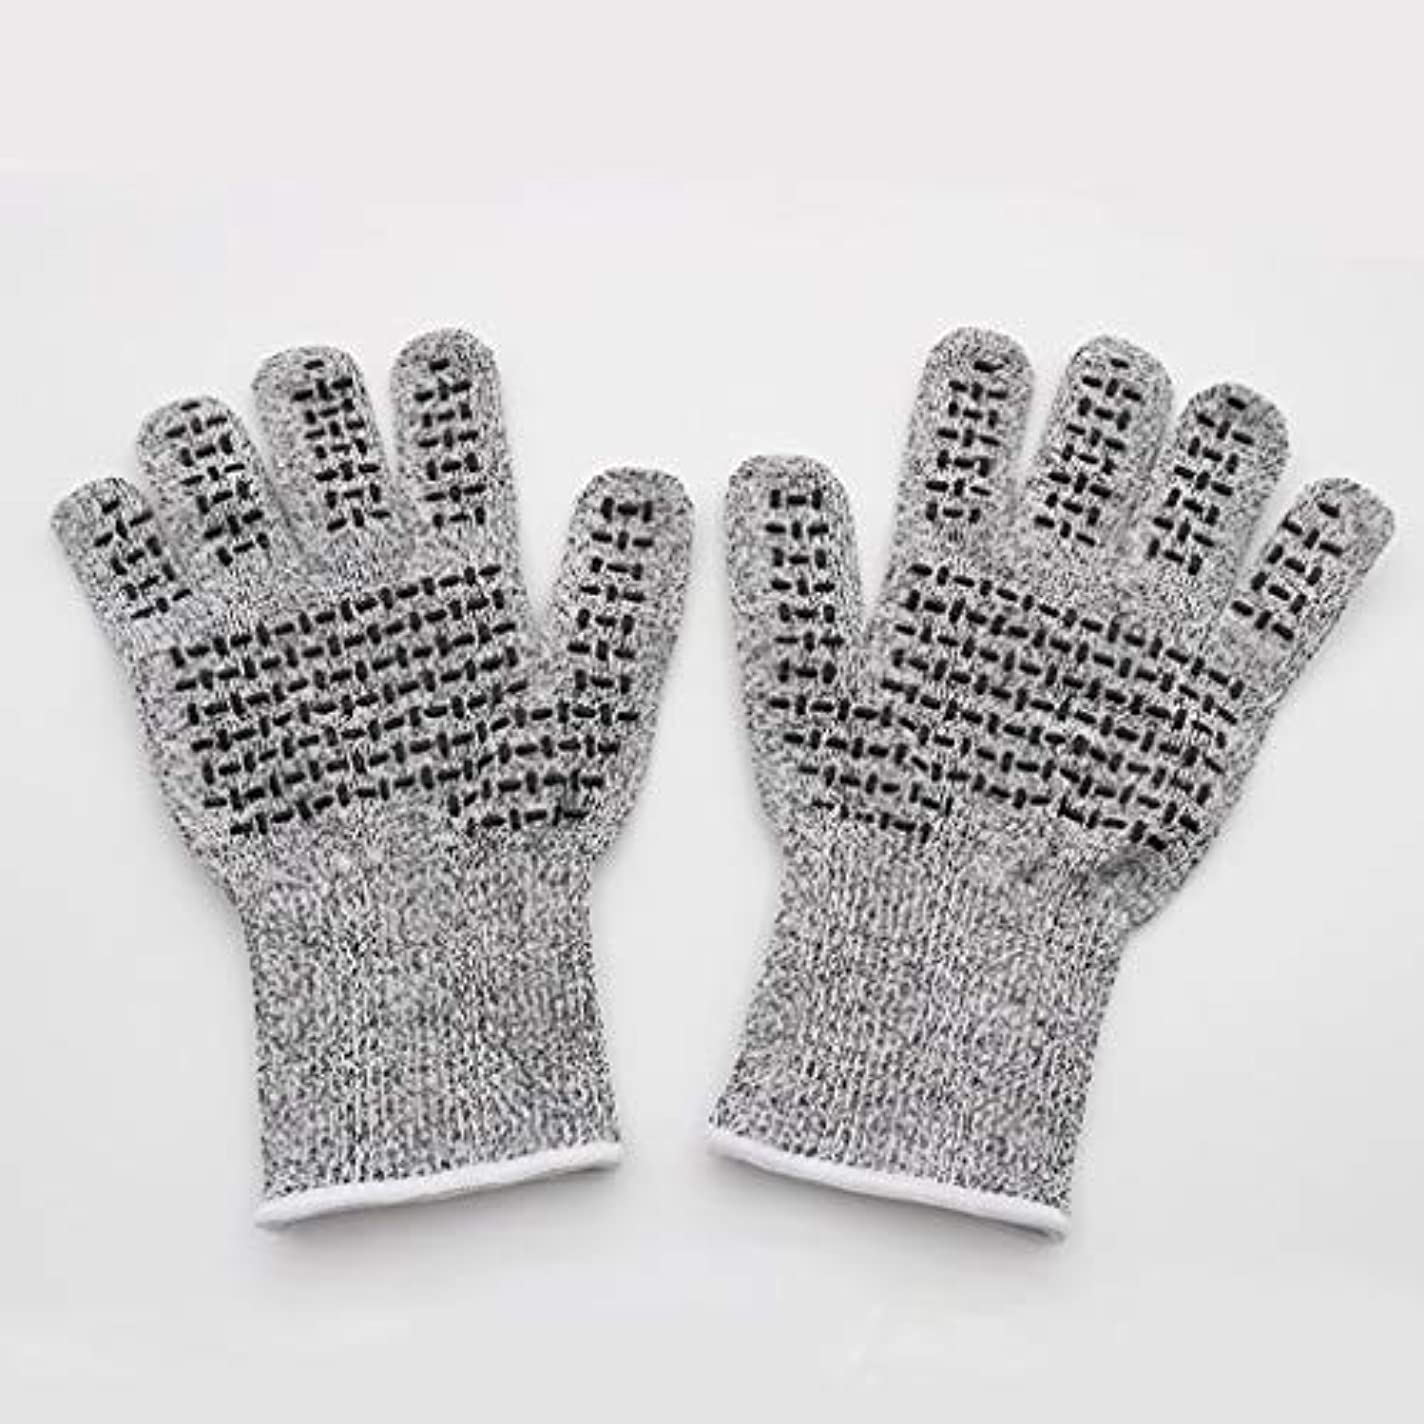 けがをする送金サバントCONTDY 滑り止め保護手袋、抗切断肥厚手袋、商品の移動に適し、修理および耐久性 - 手袋